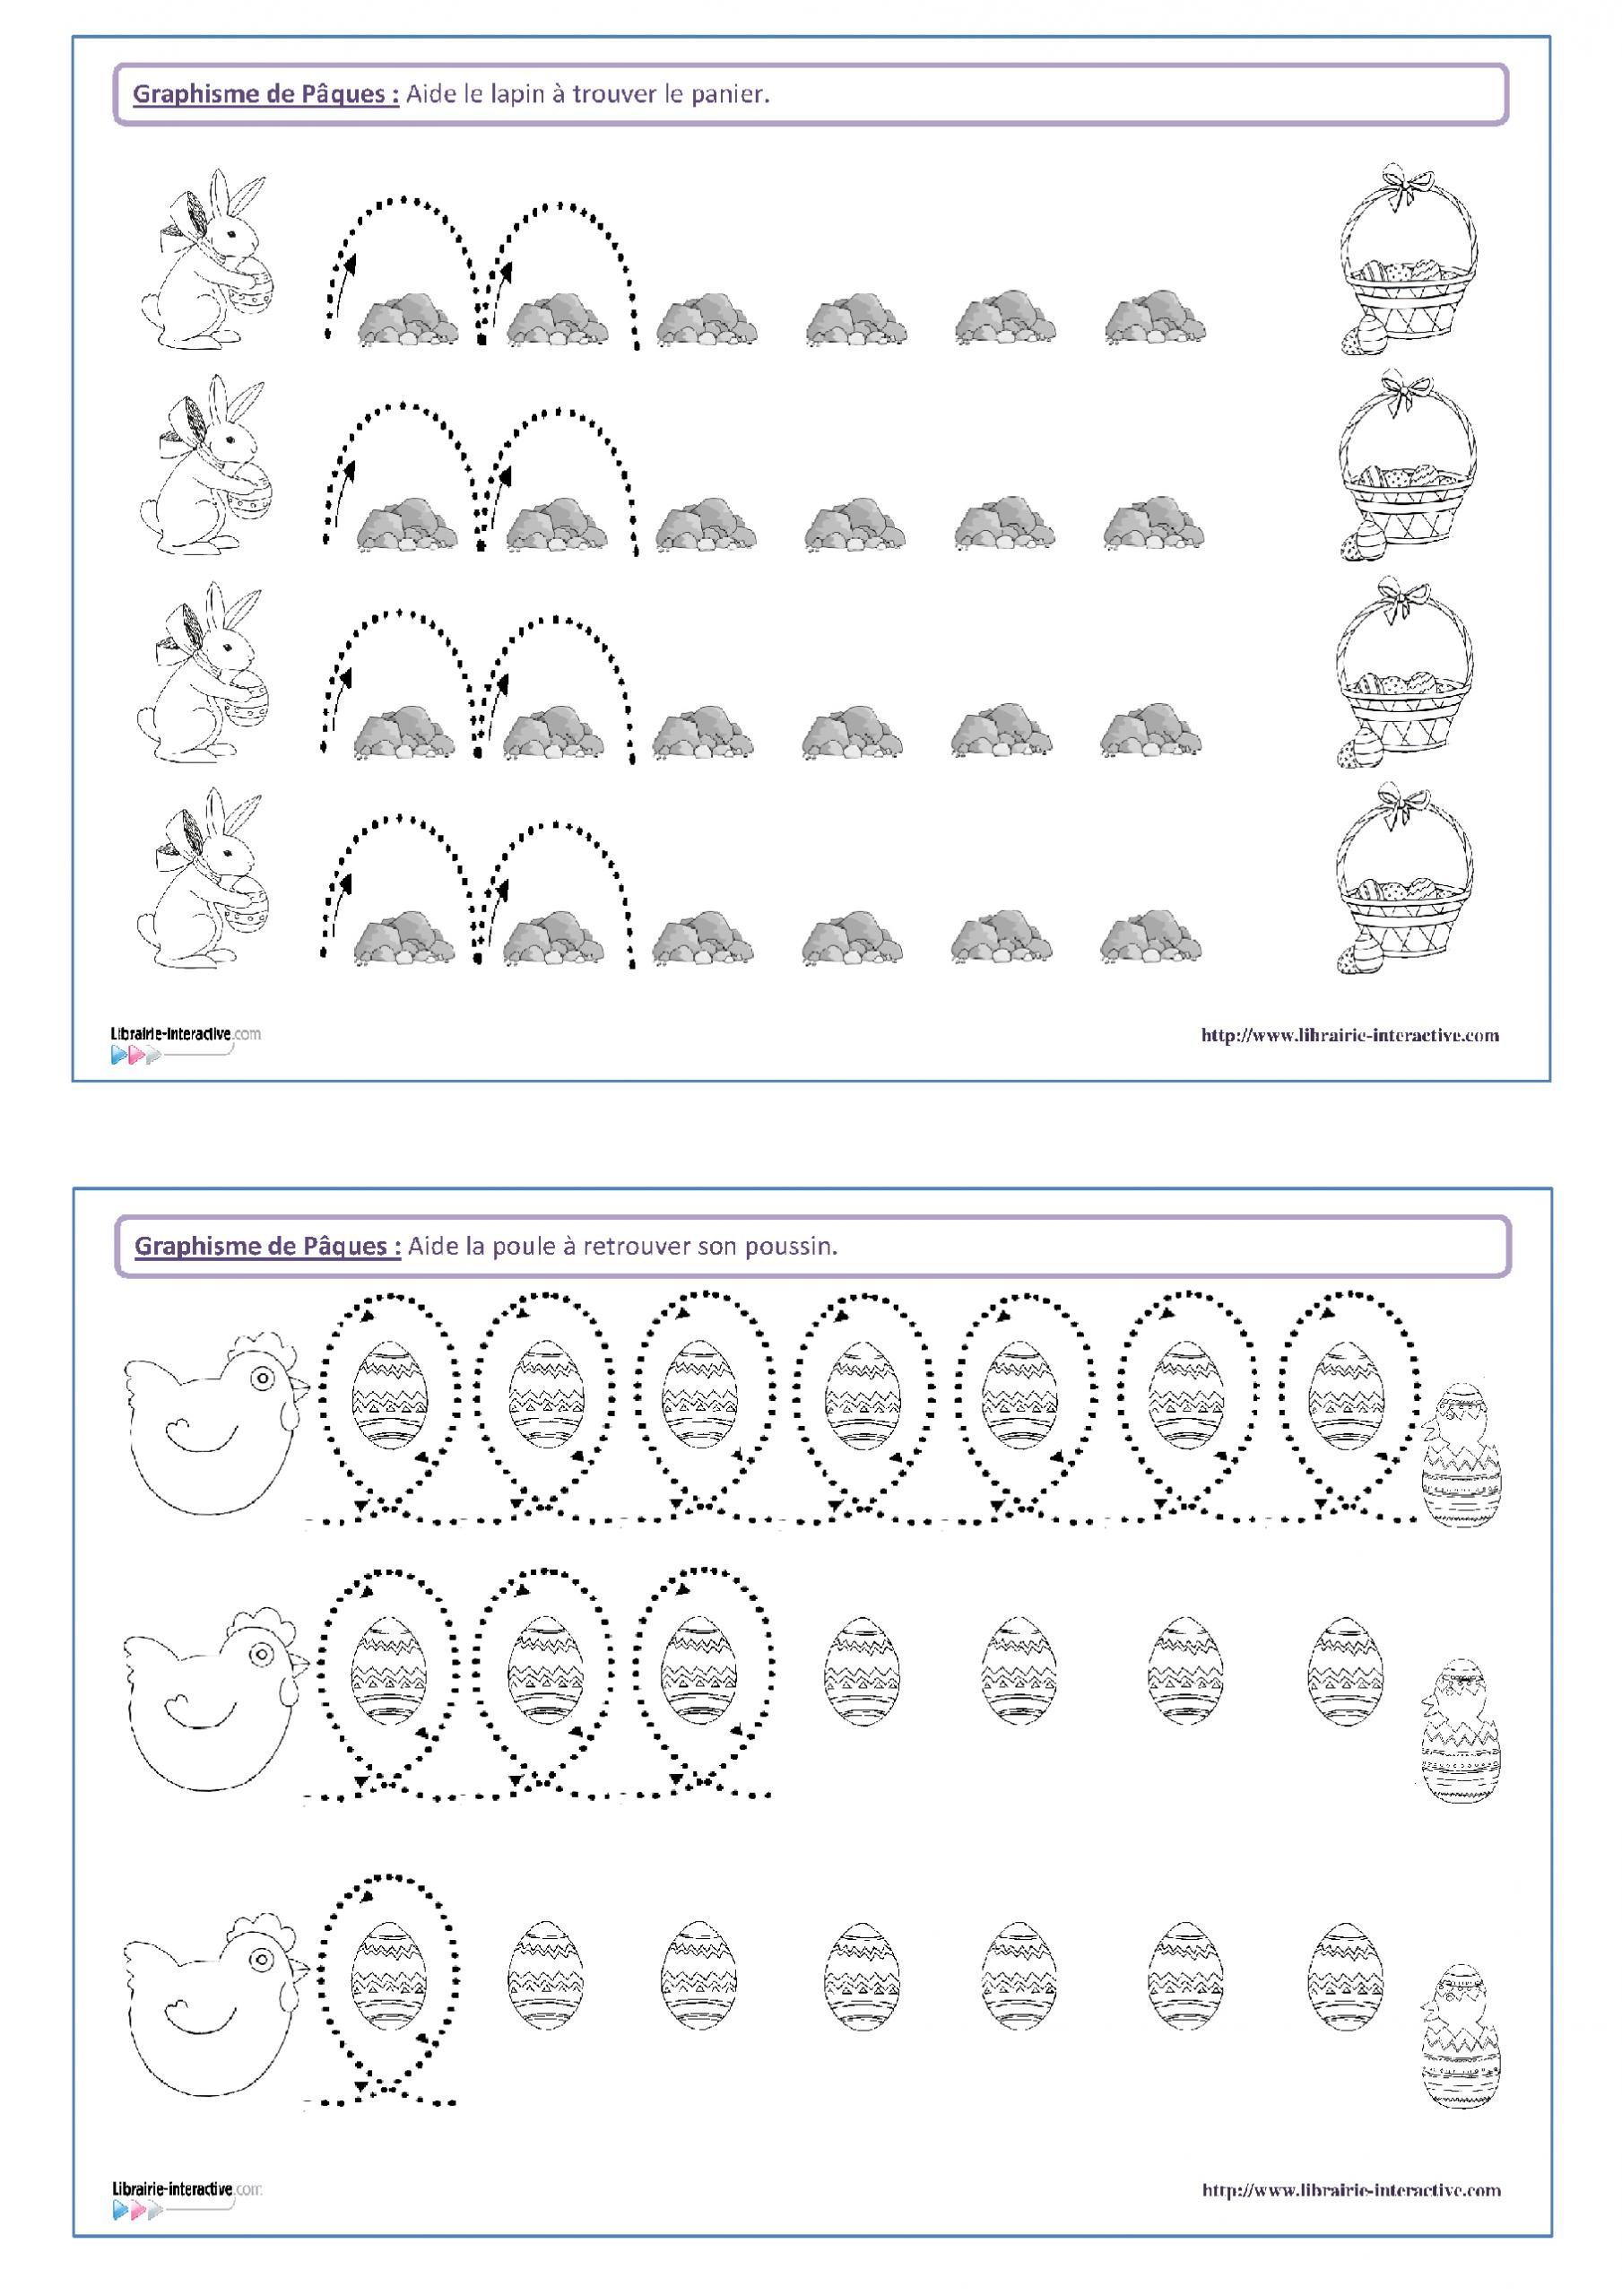 14 Fiches De Graphisme Sur Le Thème De Pâques, Pour Les destiné Activités Moyenne Section Maternelle À Imprimer